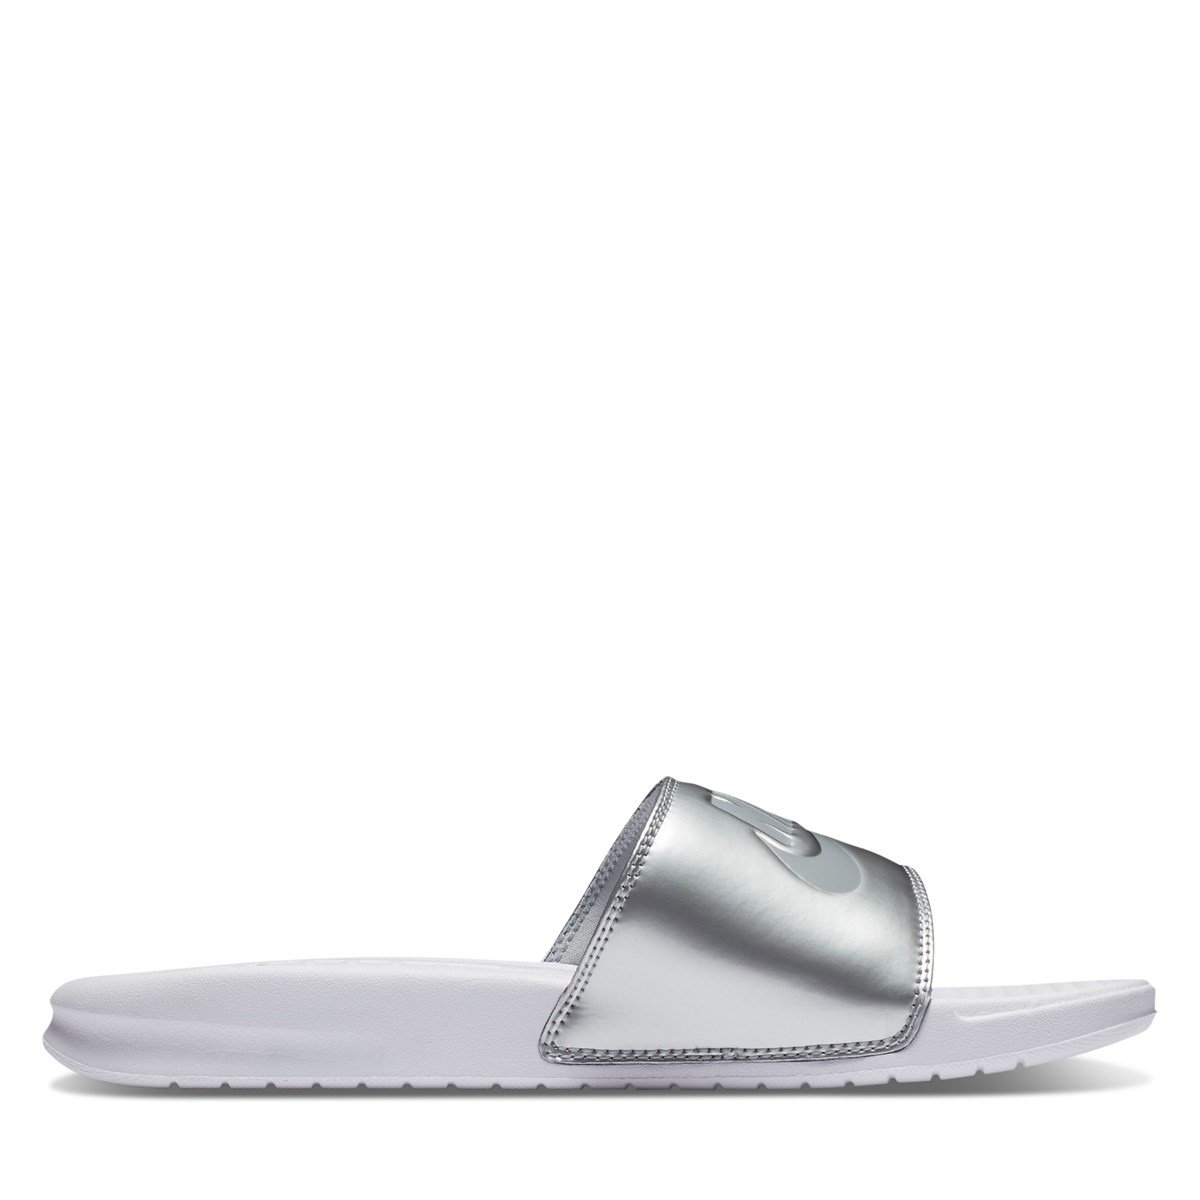 Sandales Benassi JDI argentées pour femmes